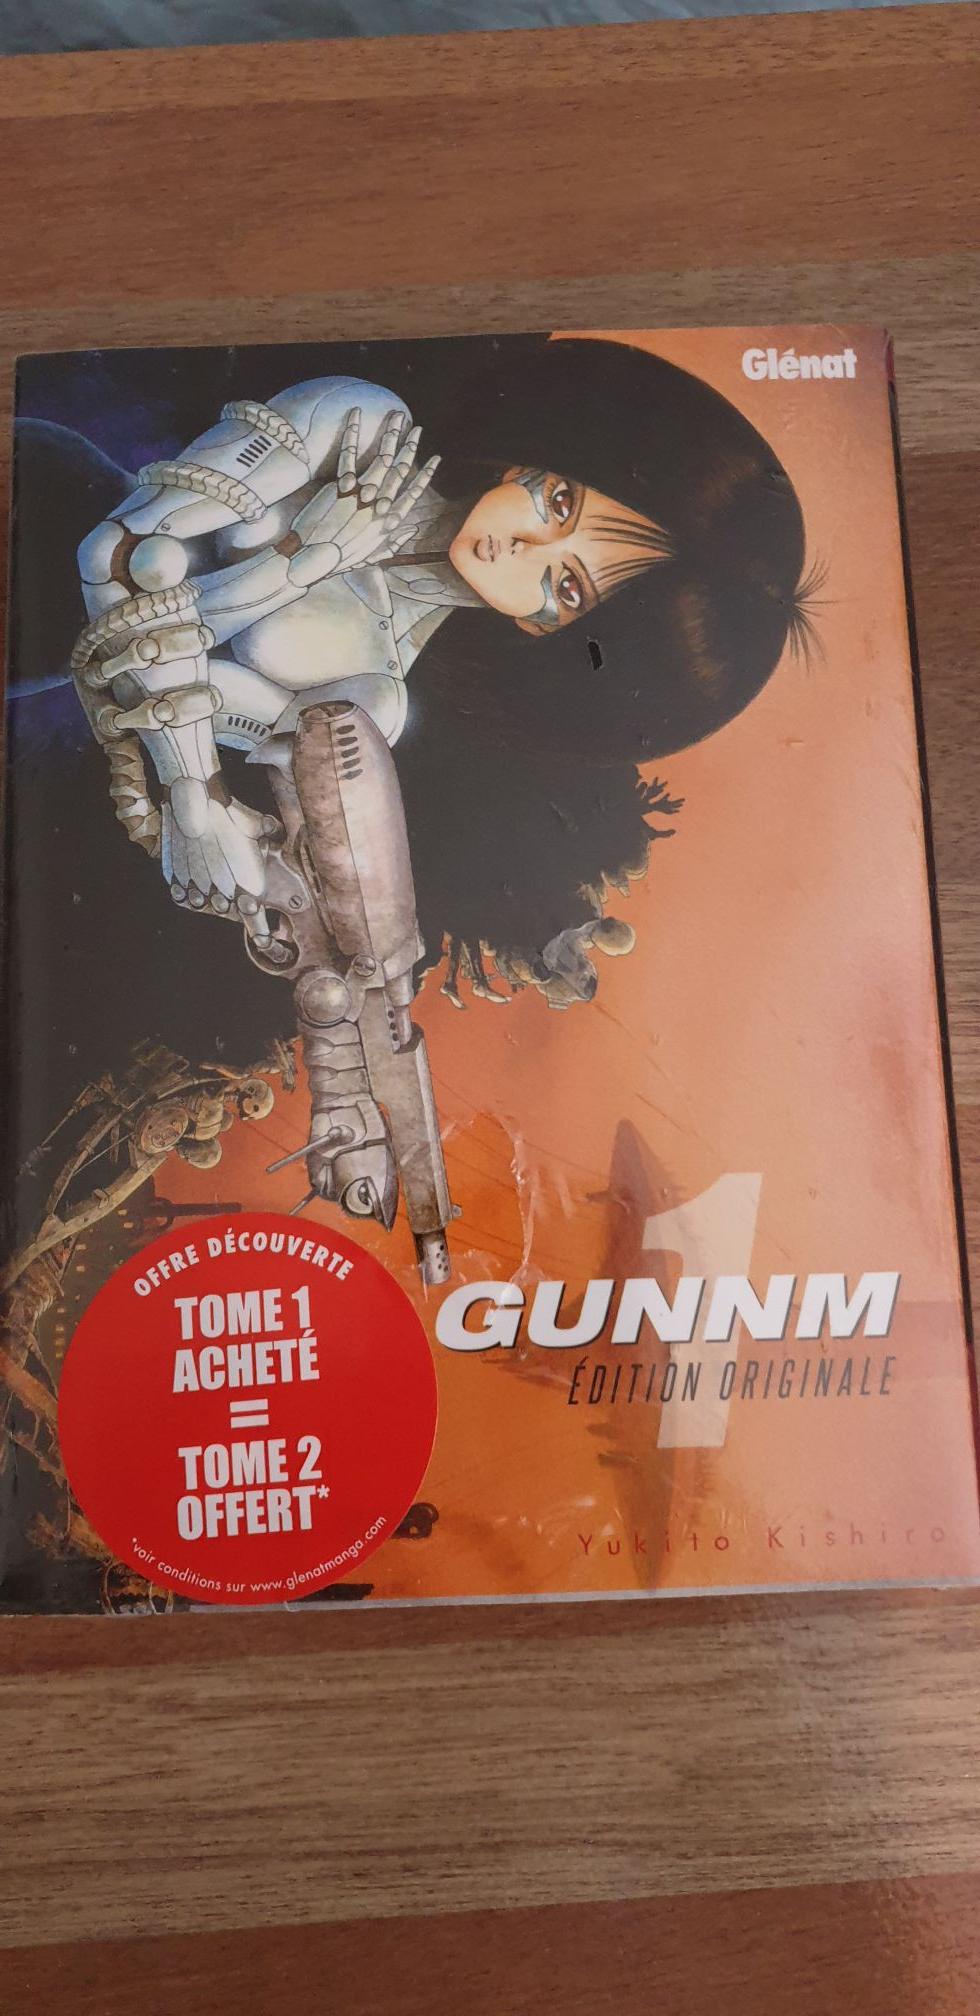 Pack de 2 mangas Gunnm (Tome 1 & 2) - Niort (79)